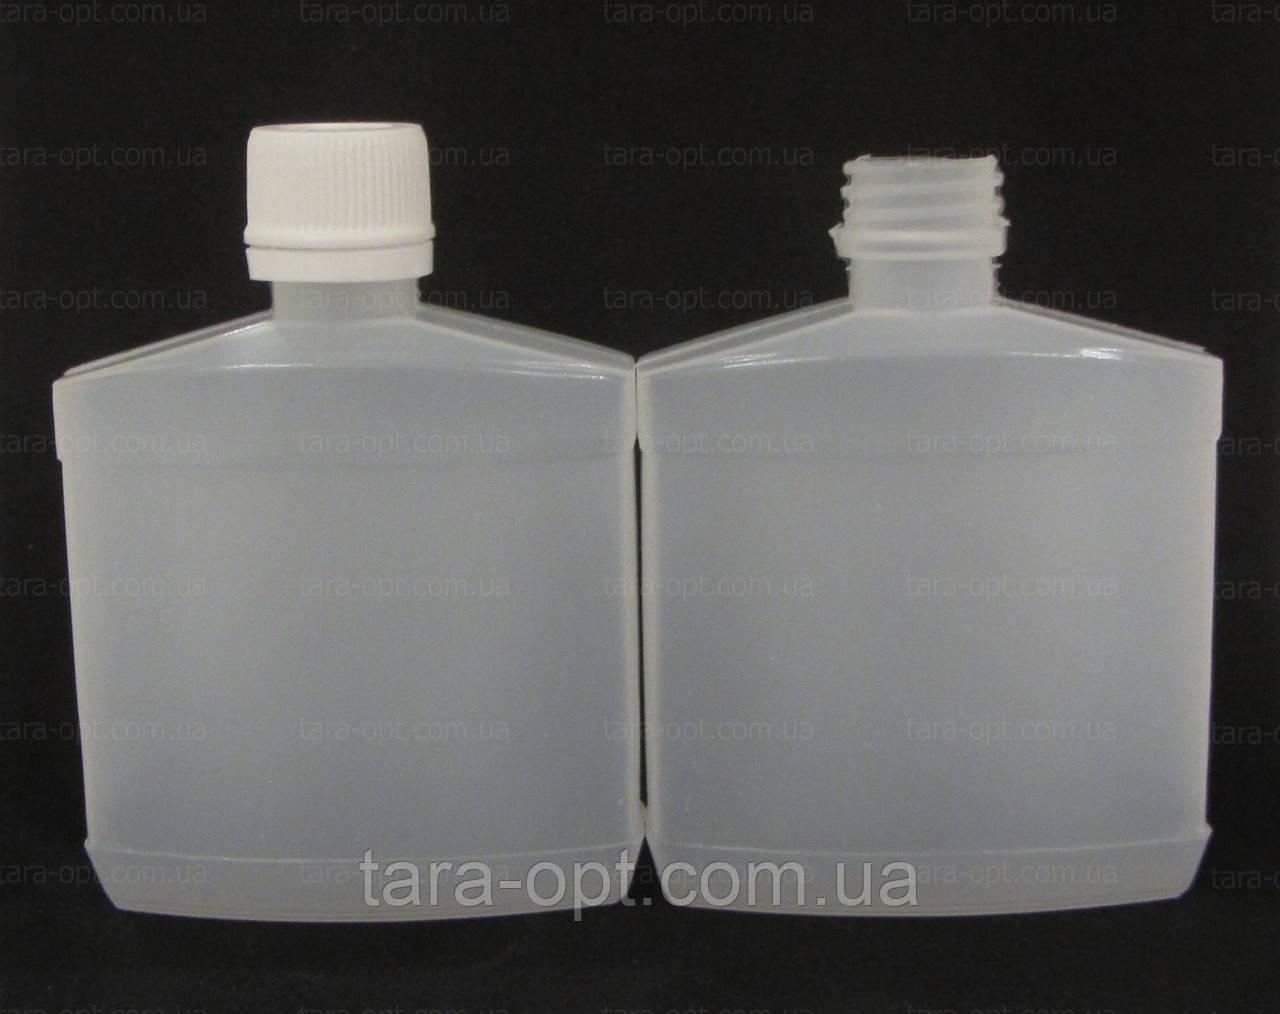 Флакон пластик 100 мл, (Цена от 3,75 грн)